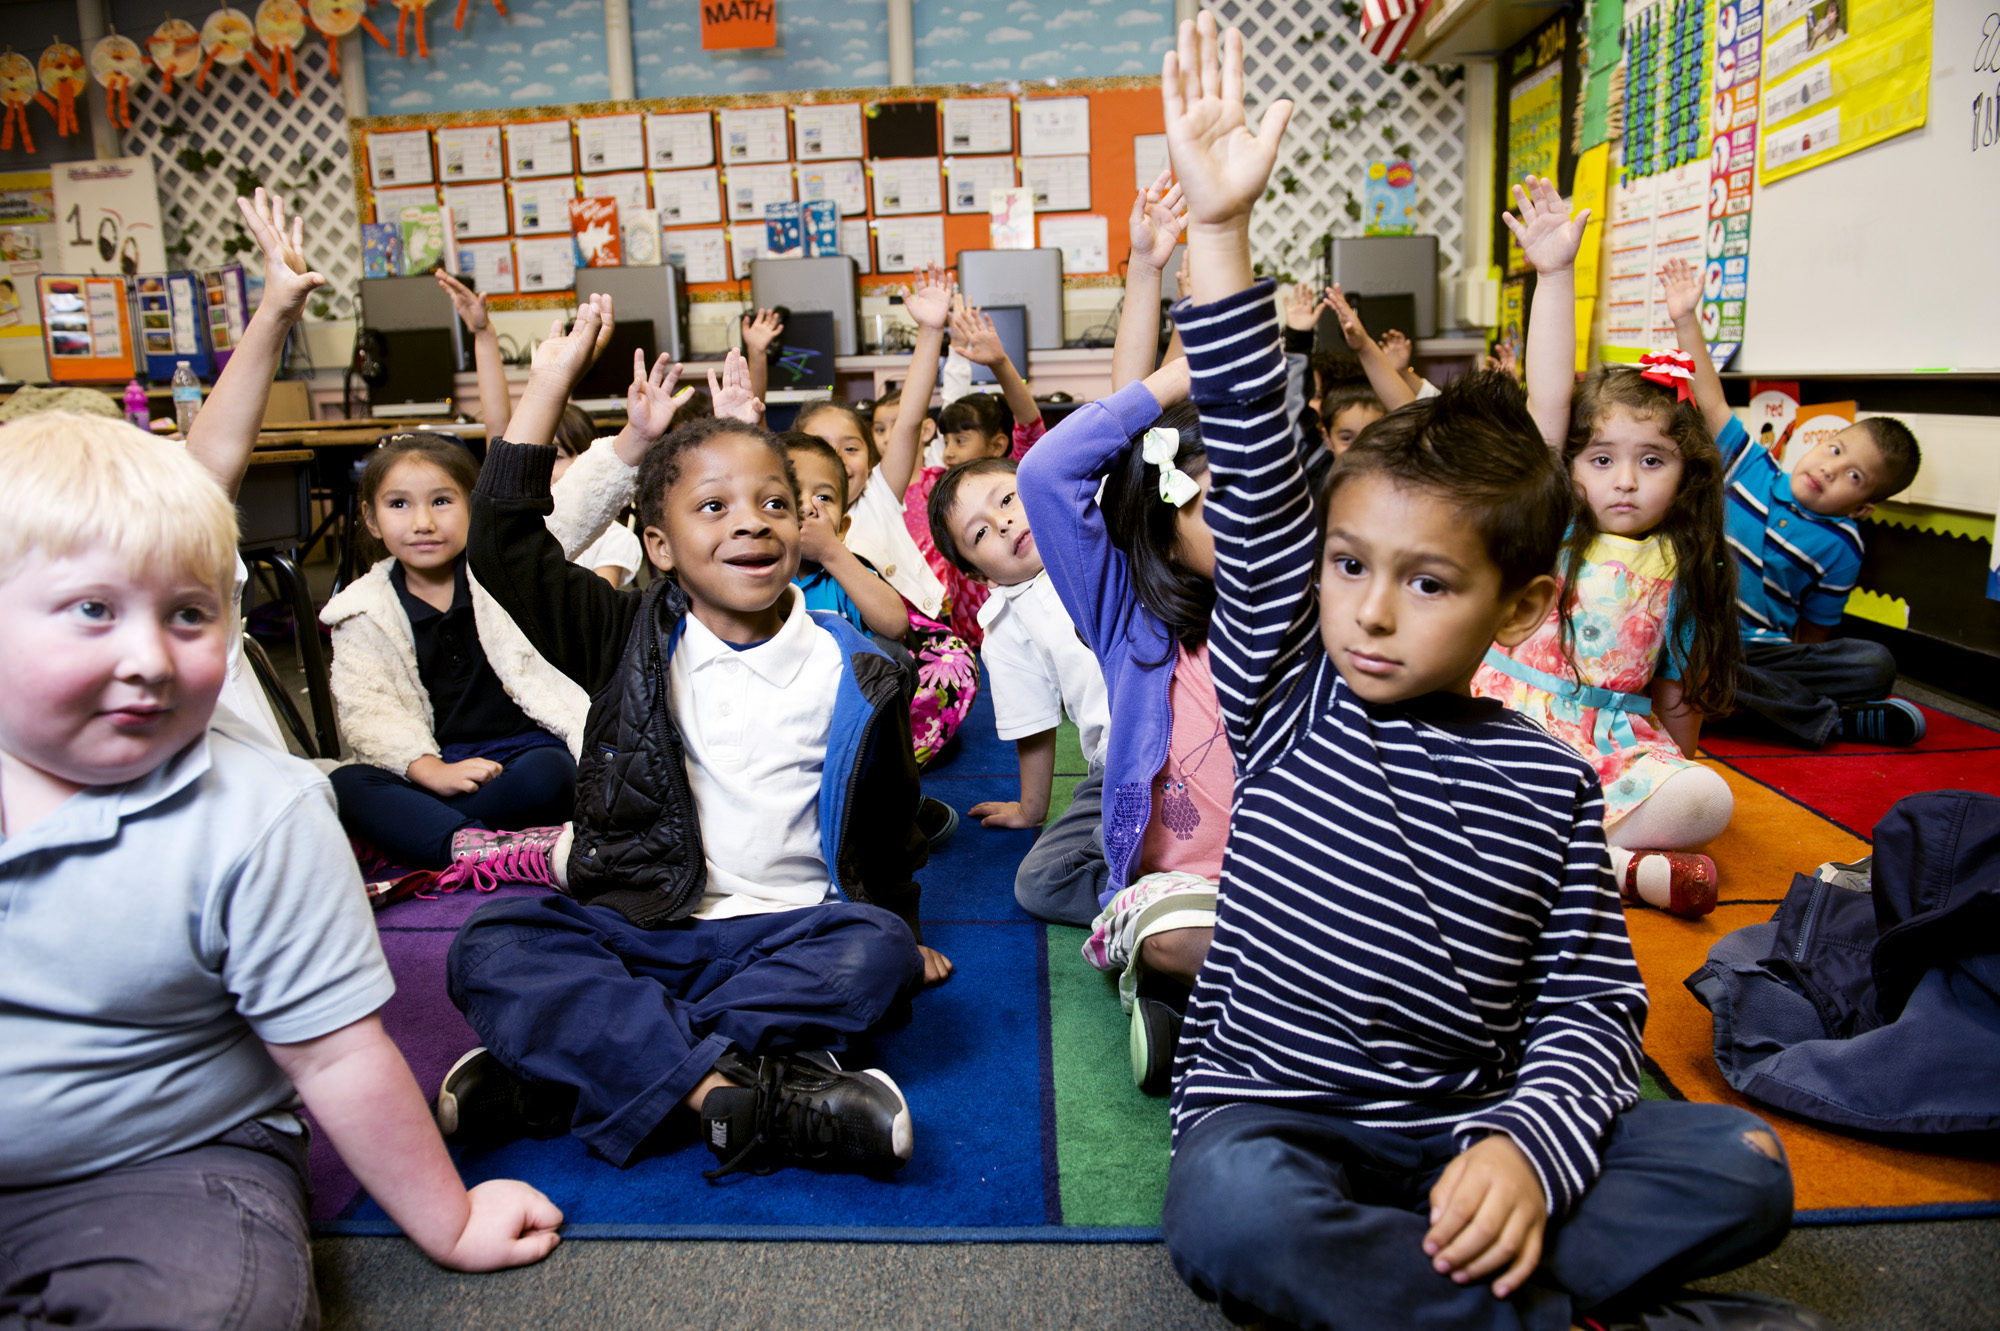 Kids raising their hands.